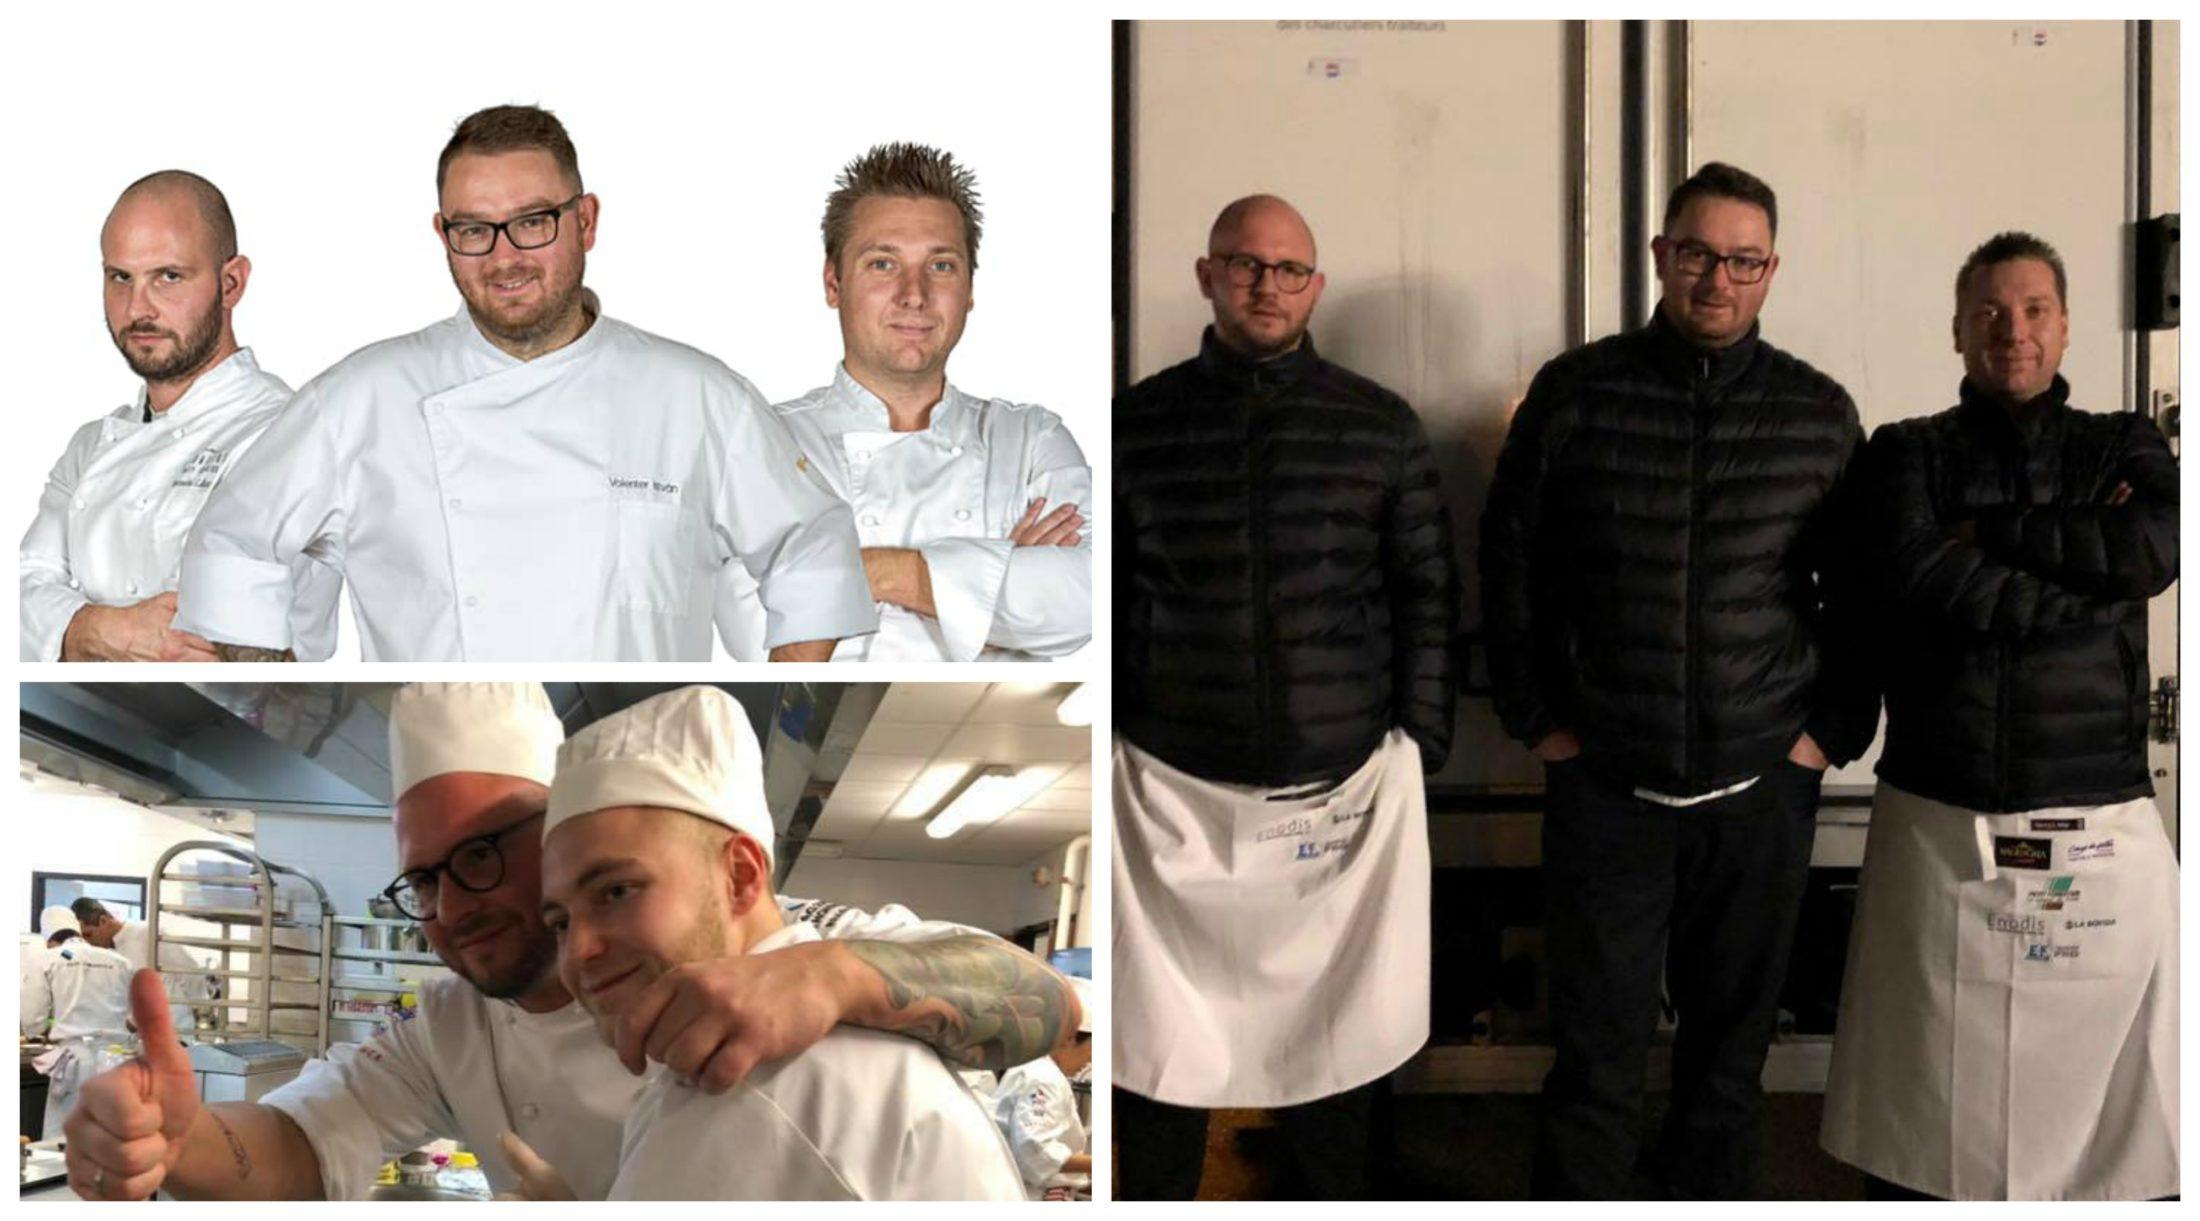 Lyonból jelentjük: A magyar catering csapat ma prezentálja a versenyételeket! - Dining Guide